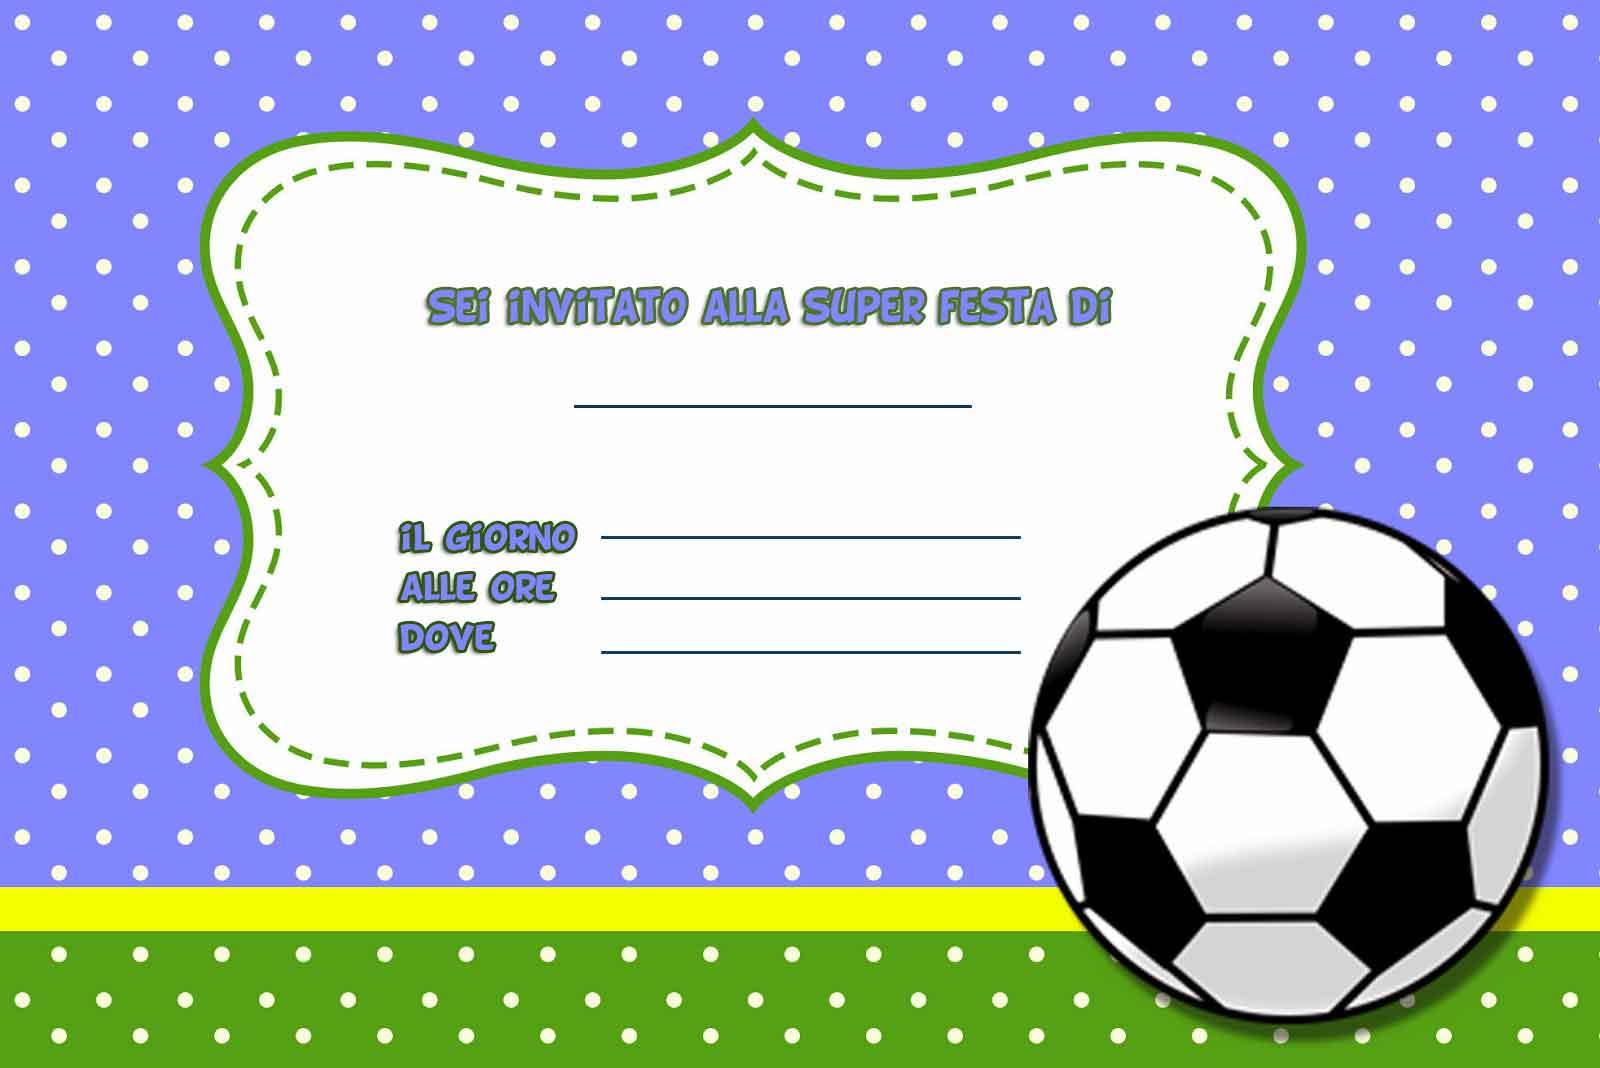 Inviti di compleanno per bambini da stampare gratis - Pagina da colorare di un pallone da calcio ...